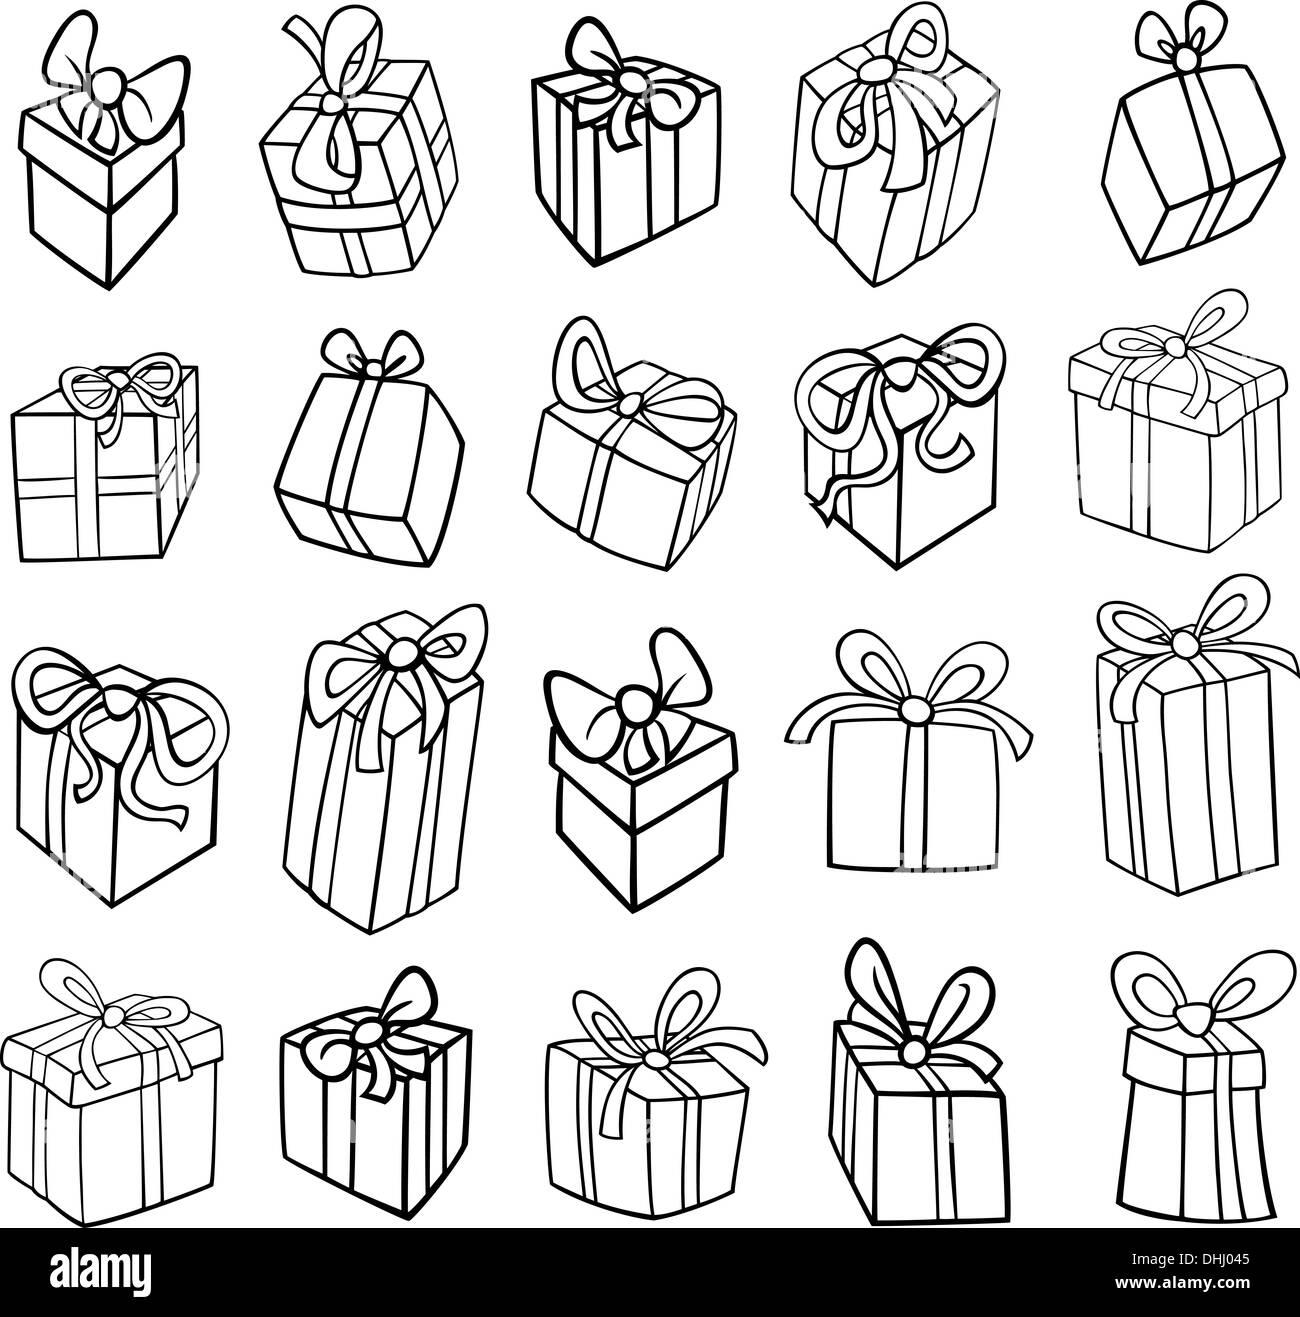 schwarz wei cartoon illustration von weihnachten oder. Black Bedroom Furniture Sets. Home Design Ideas